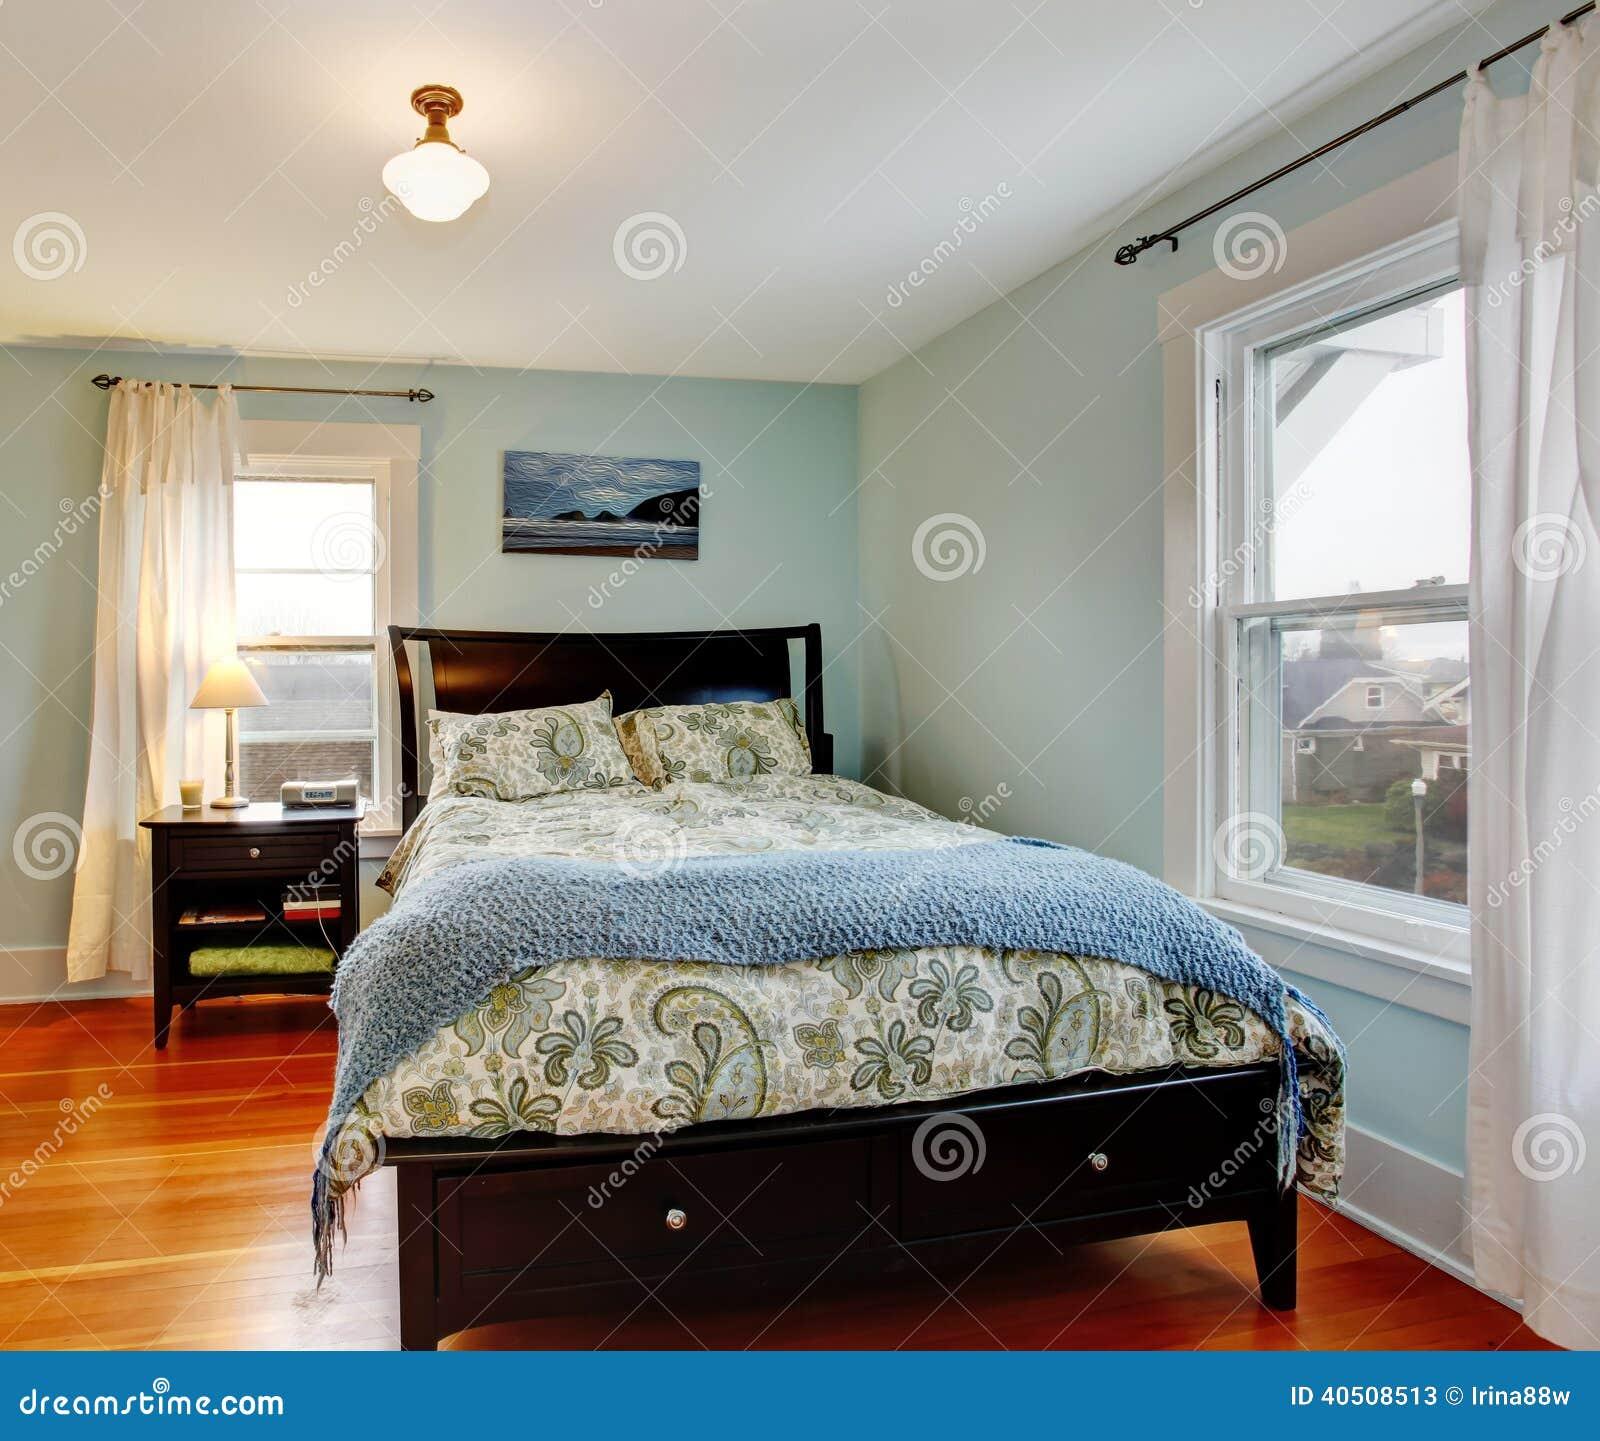 Schlafzimmer Mit Schwarzen Möbeln Stockbild - Bild von architektur ...